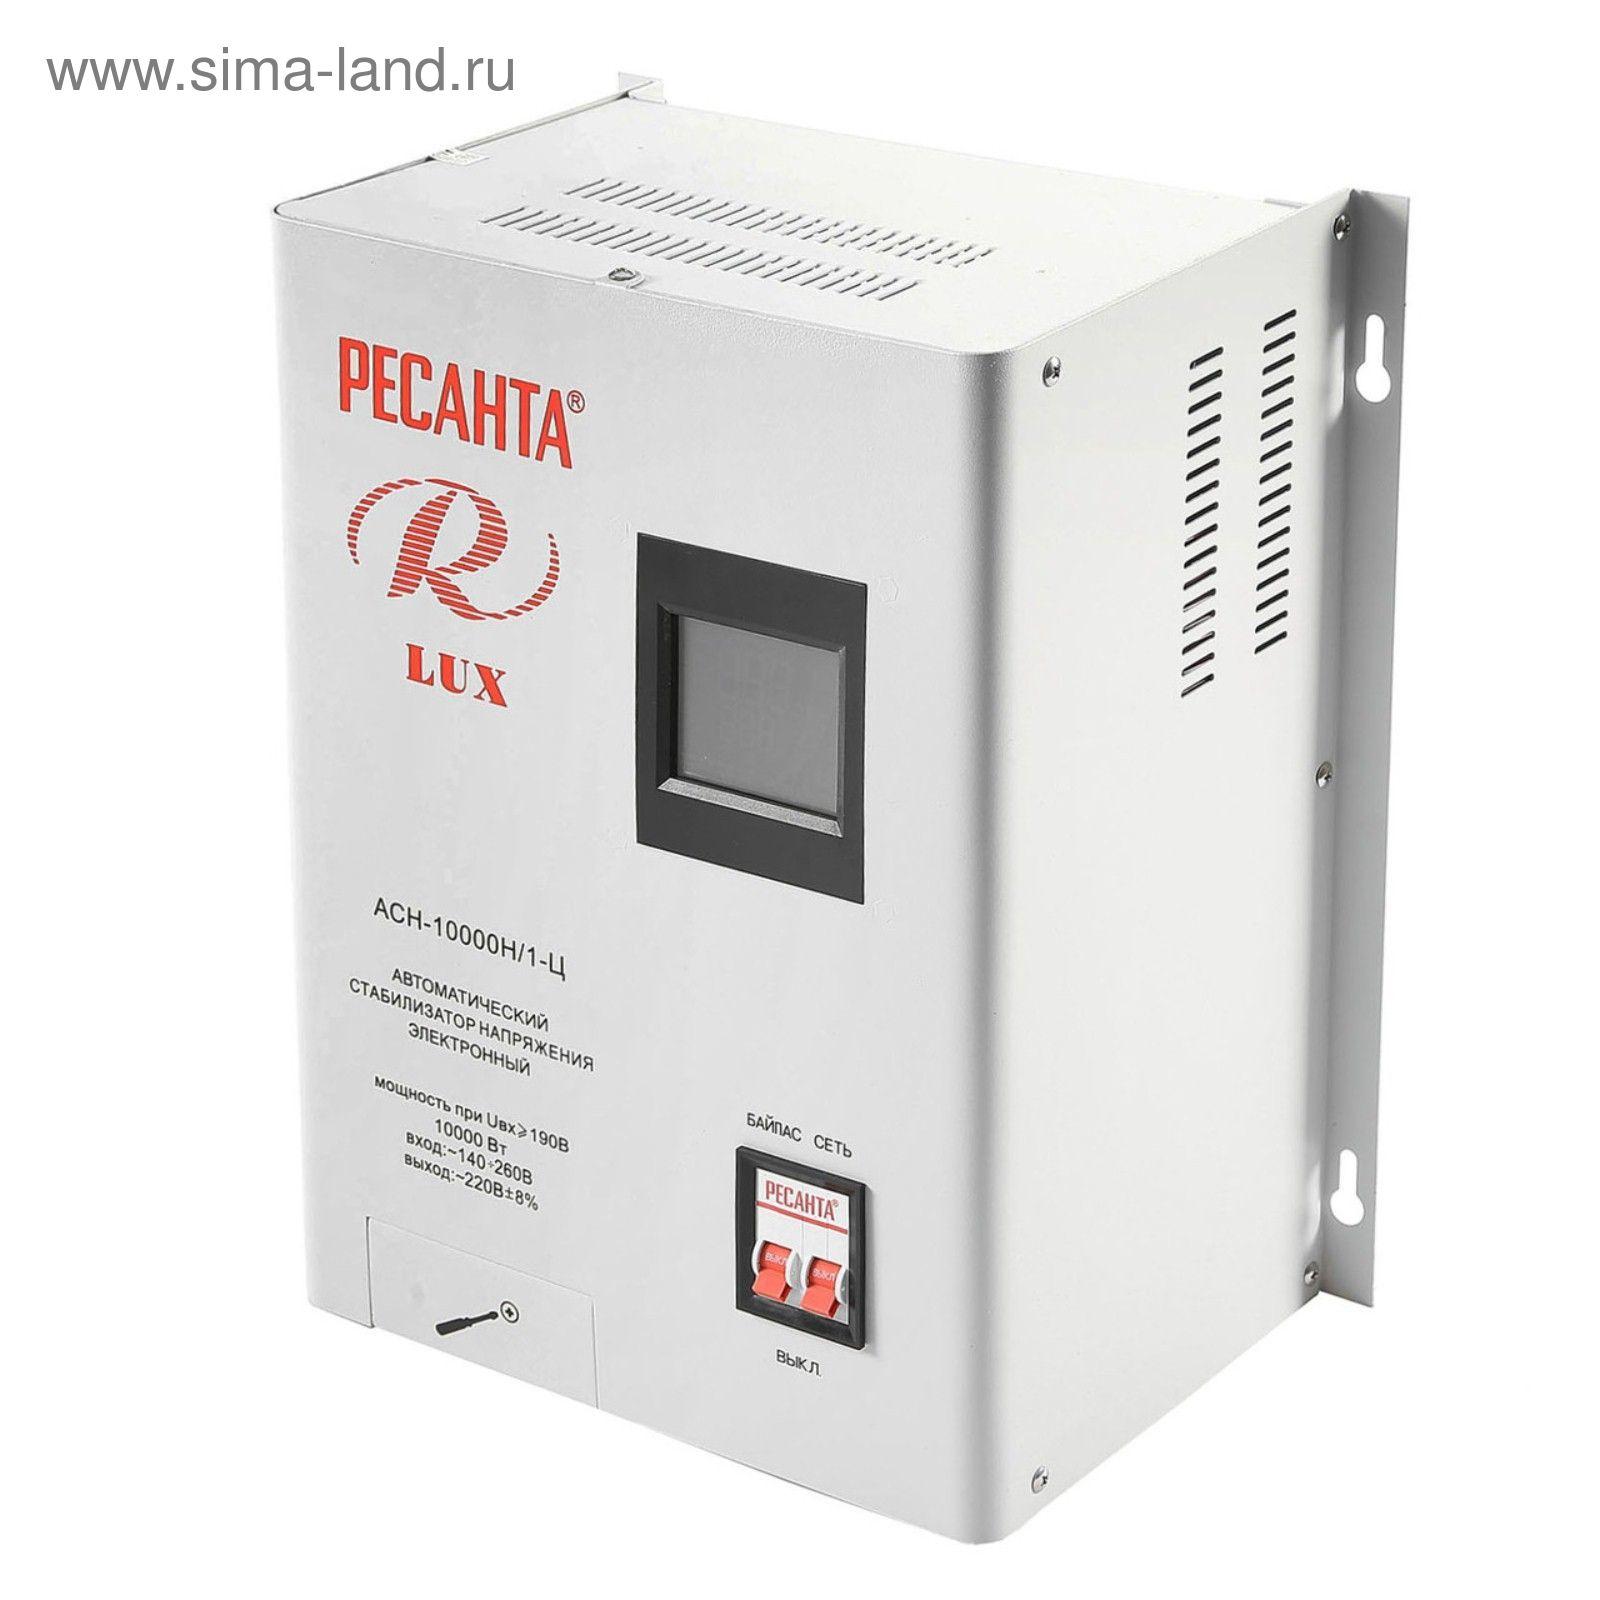 Электронный стабилизатор напряжения 220в купить как от сварочного аппарата зарядить аккумулятор